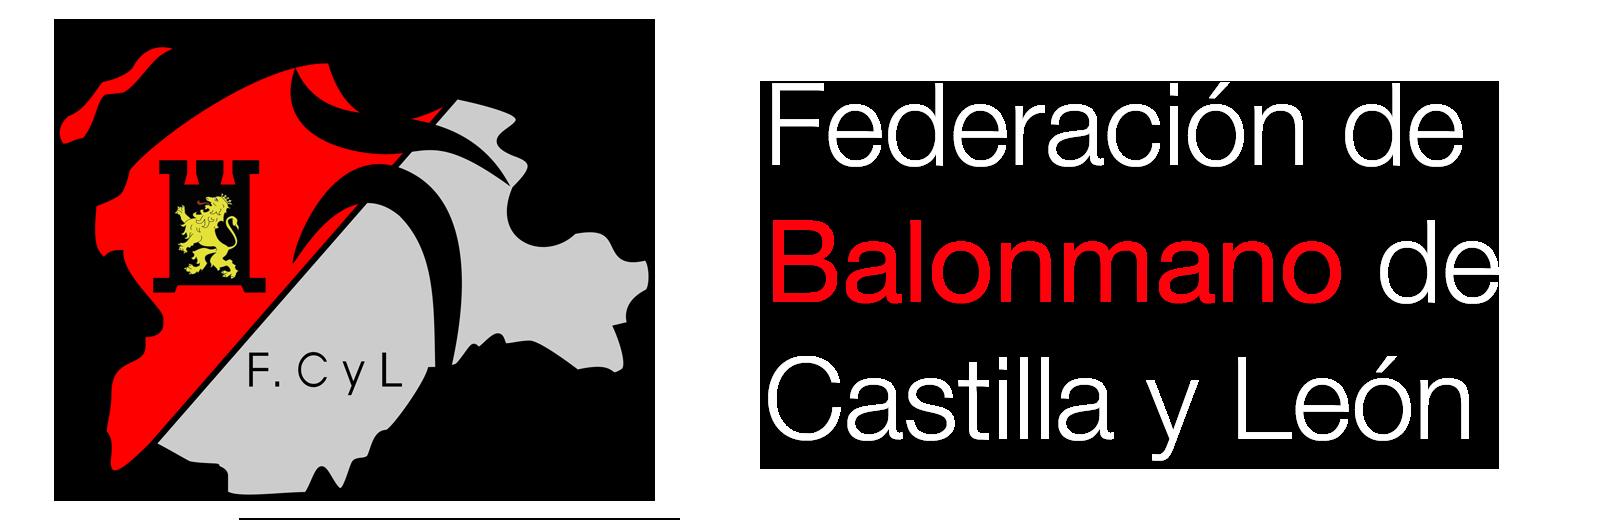 Delegación de Burgos de la Federación Territorial de Balonmano de Castilla y León